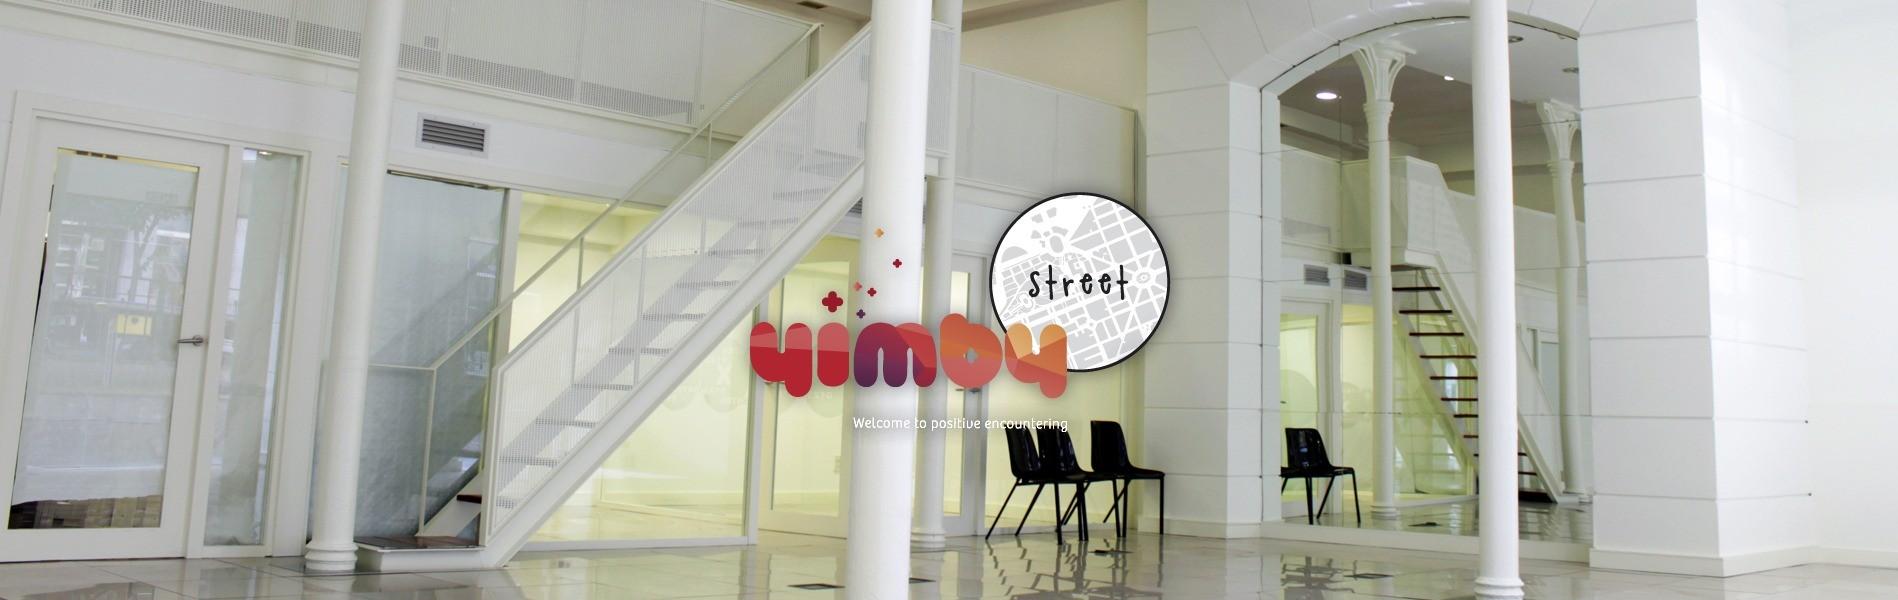 Espacio YIMBY STREET II con logo YIMBY